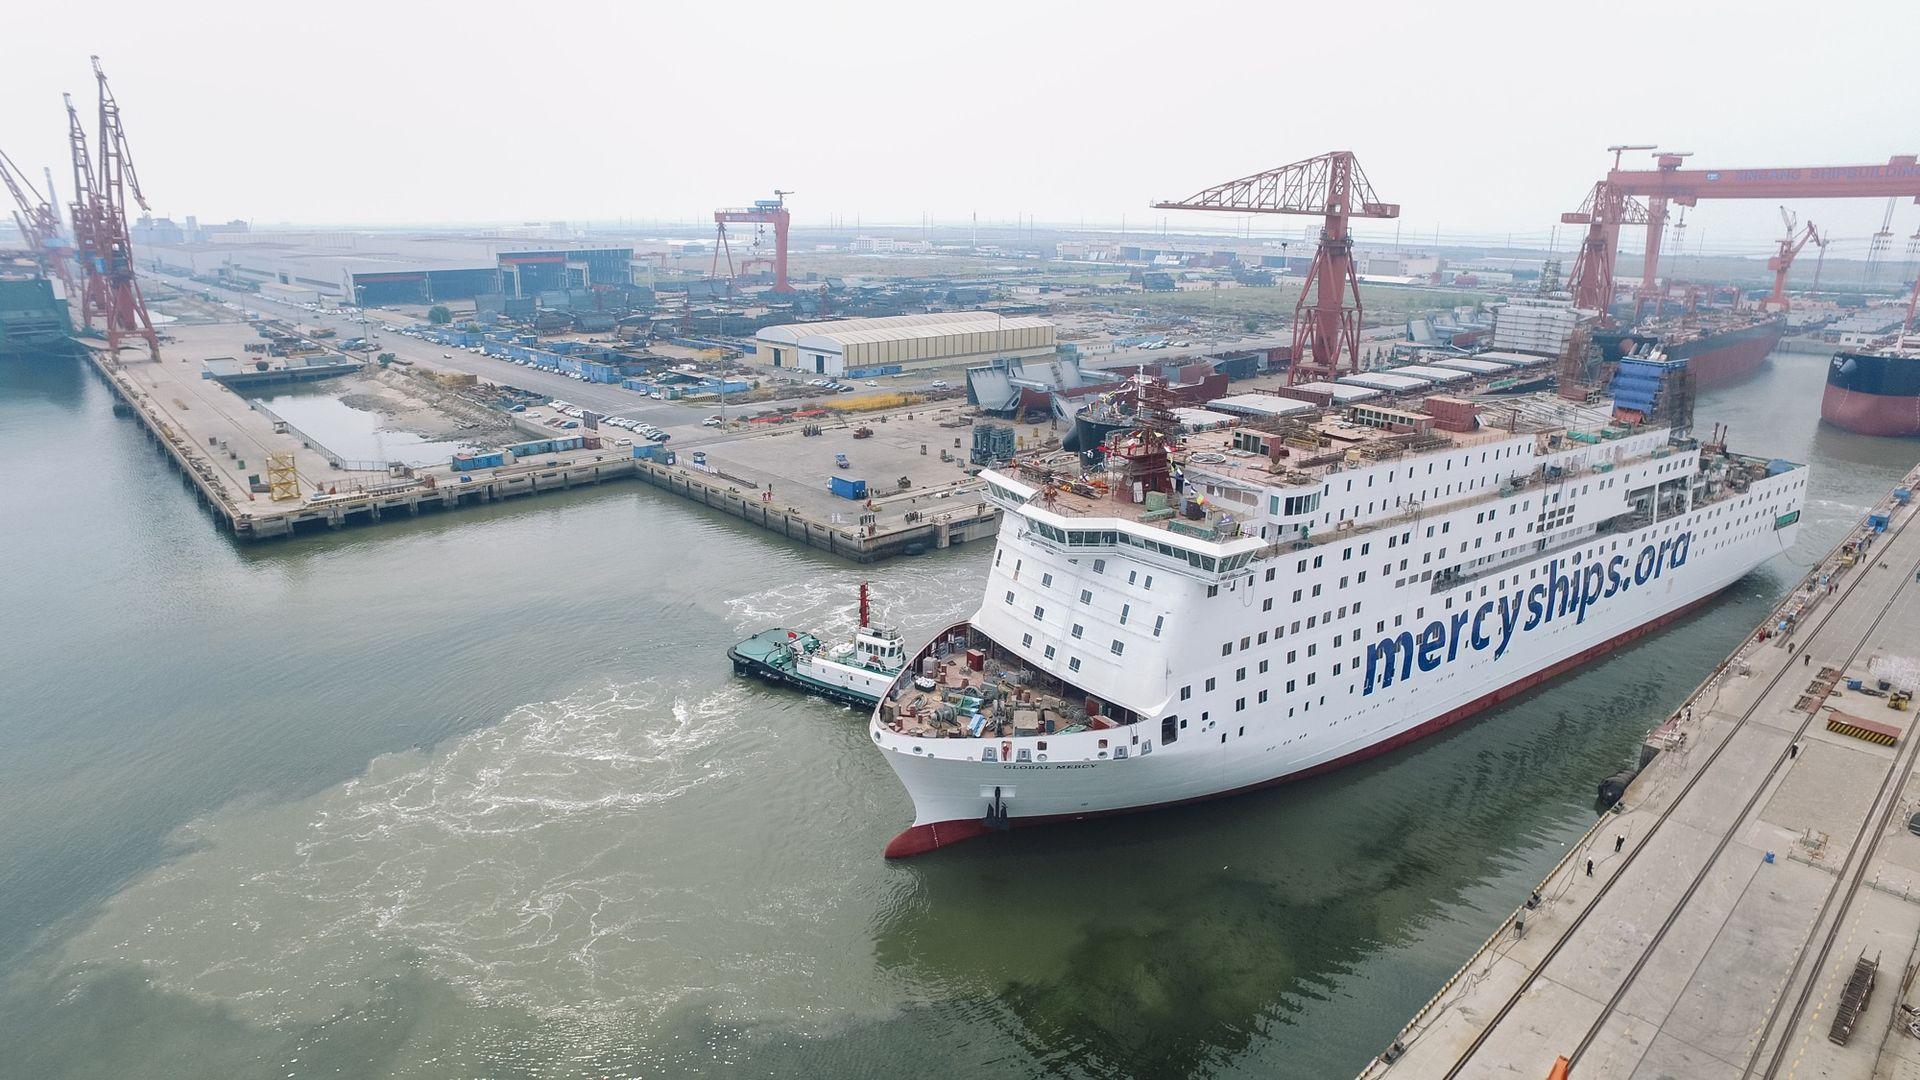 Det här är världens största civila sjukhusfartyg